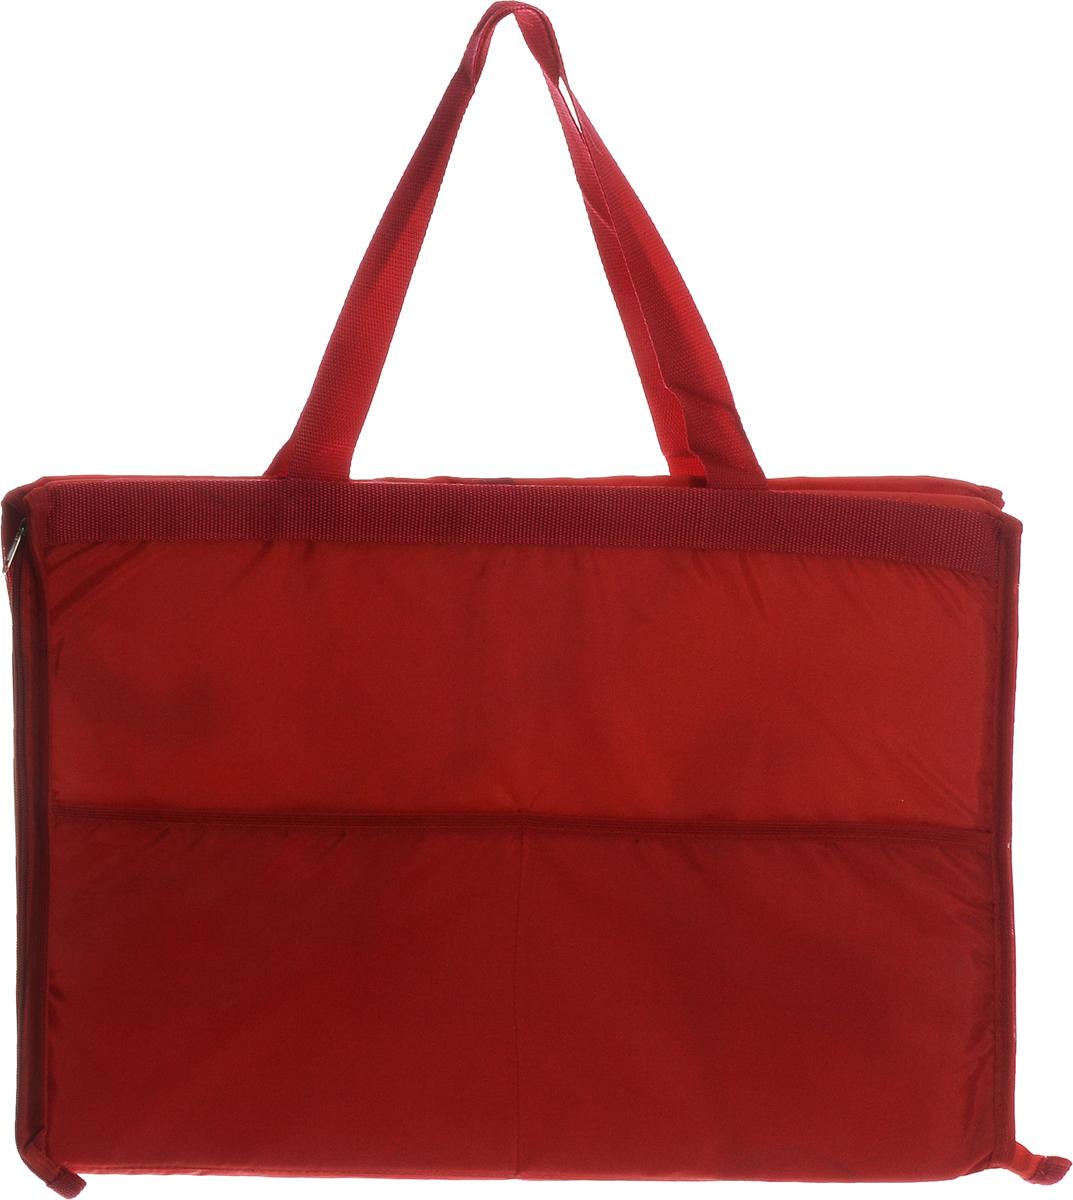 Сумка-коврик для пикника Eva Роза, 52 х 38 см00000927Сумка-коврик Eva изготовлена из хлопка, полиэстера, наполнитель - пенополиэтилен. Вместительная сумка на молнии одним движение превращается в удобный пляжный коврик для загорания. Для отдыха на пляже или пикника будет полезной такая вещь, как сумка-коврик. Изделие сделает ваш отдых комфортным и приятным. Размер сумки-коврика (в сложенном виде): 52 х 38 см.Размер сумки-коврика (в развернутом виде): 145 х 52 см.